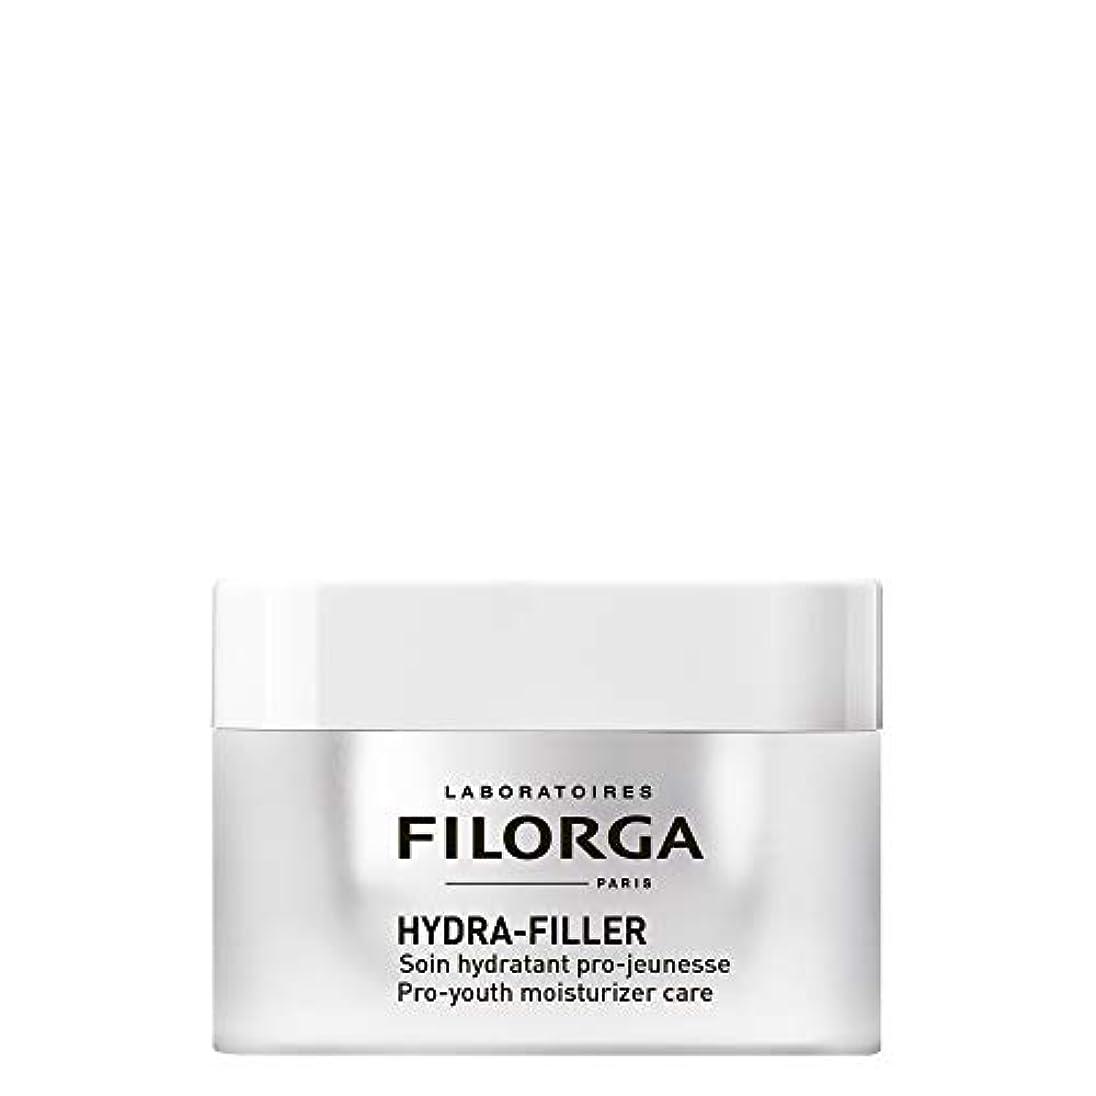 広告主ヒューム変動するFilorga Hydra-Filler Crema Hidratante Rejuvenecedora 50Ml